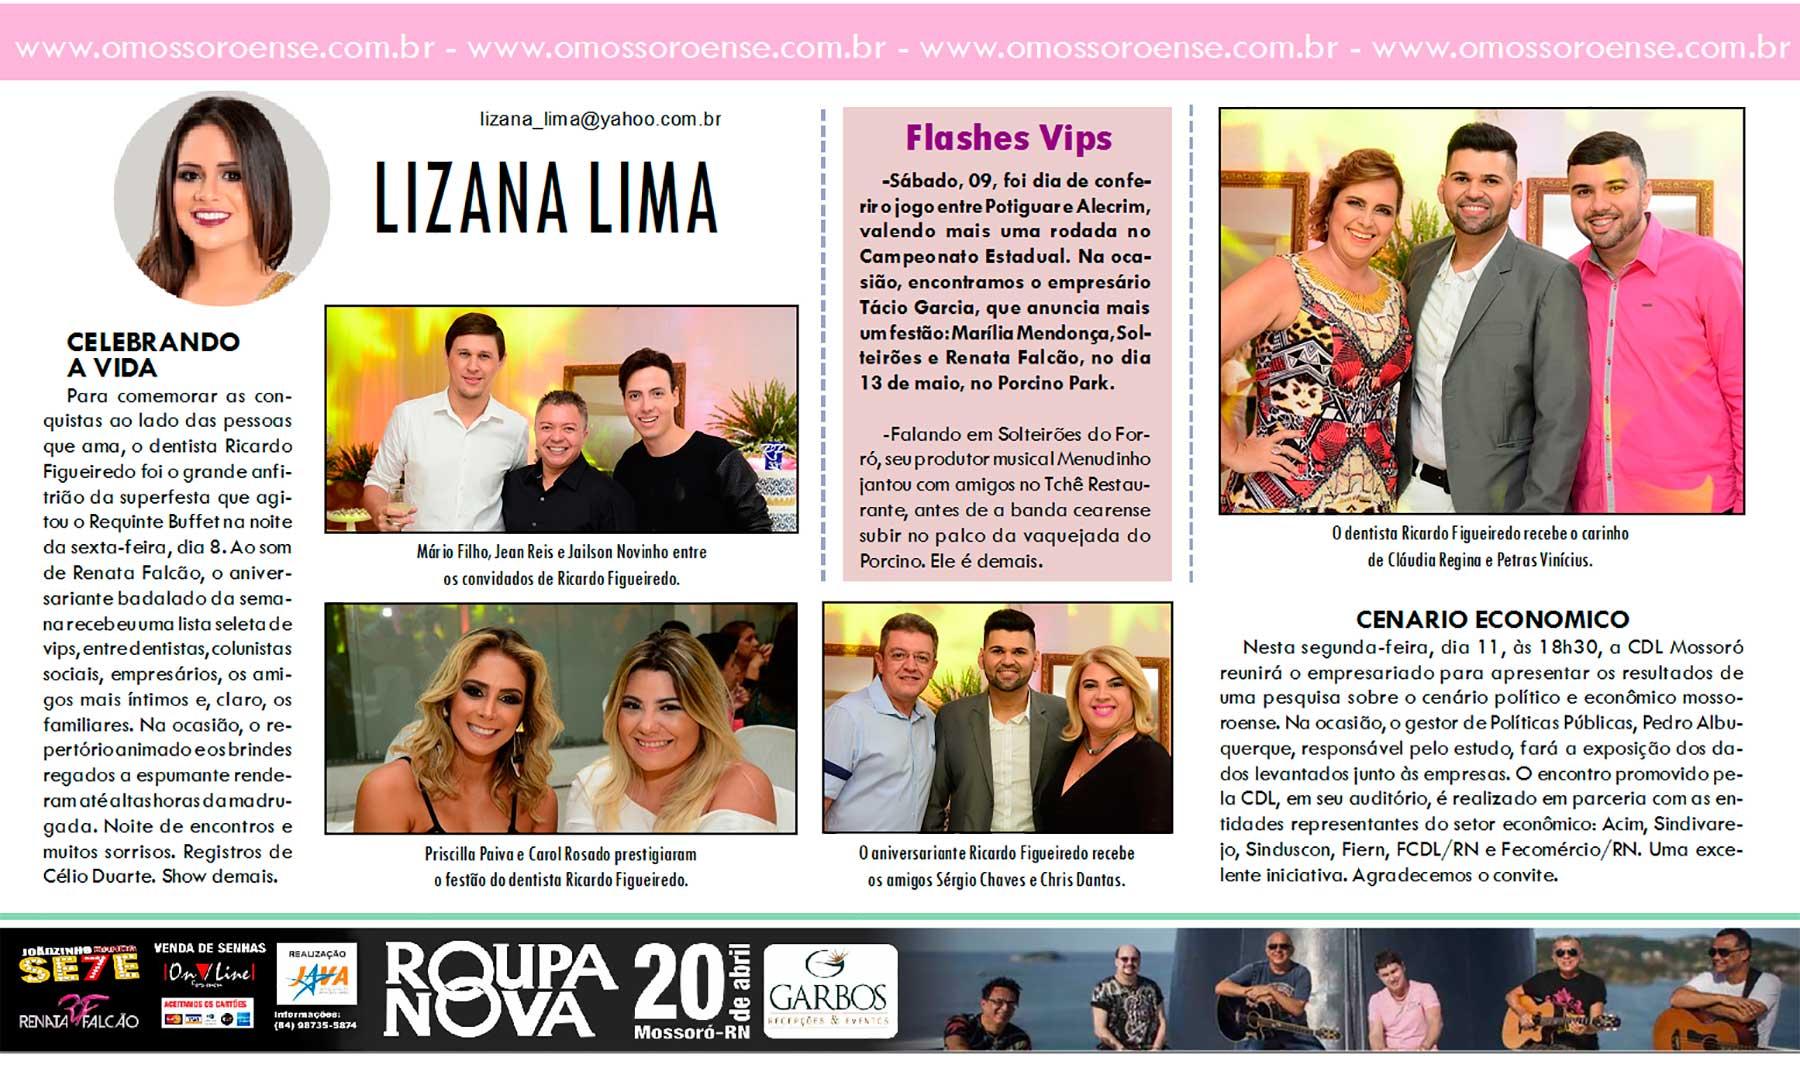 LIZANA-LIMA-11-04-16